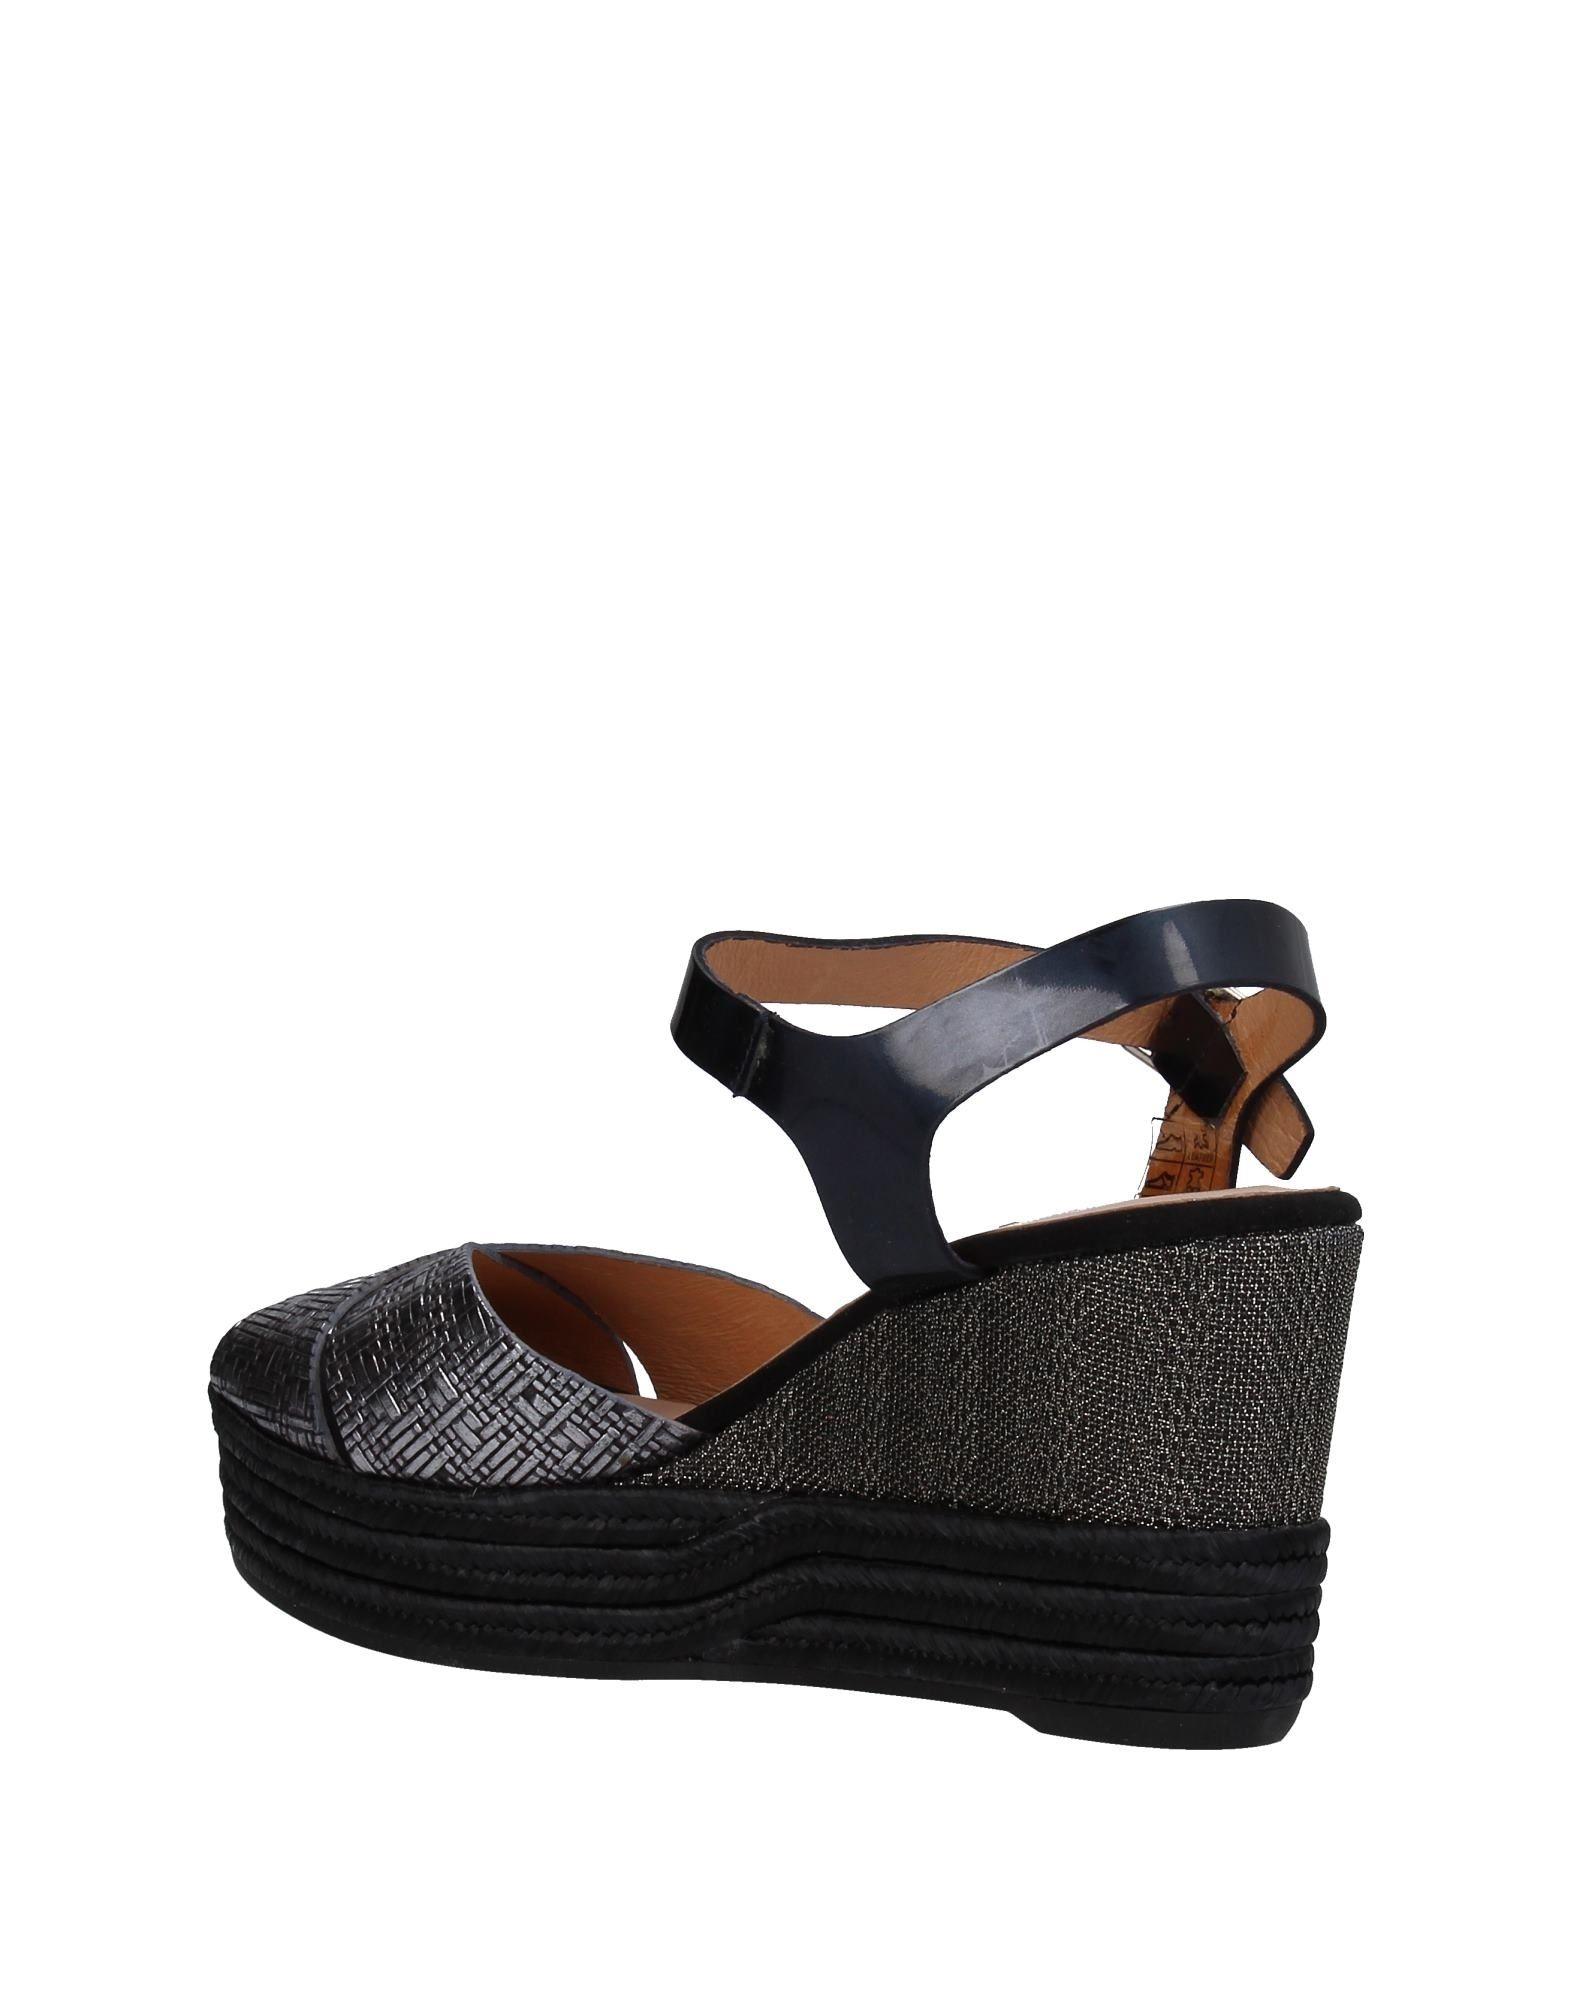 Kanna Espadrilles Qualität Damen 11353951JH Gute Qualität Espadrilles beliebte Schuhe 8f8912